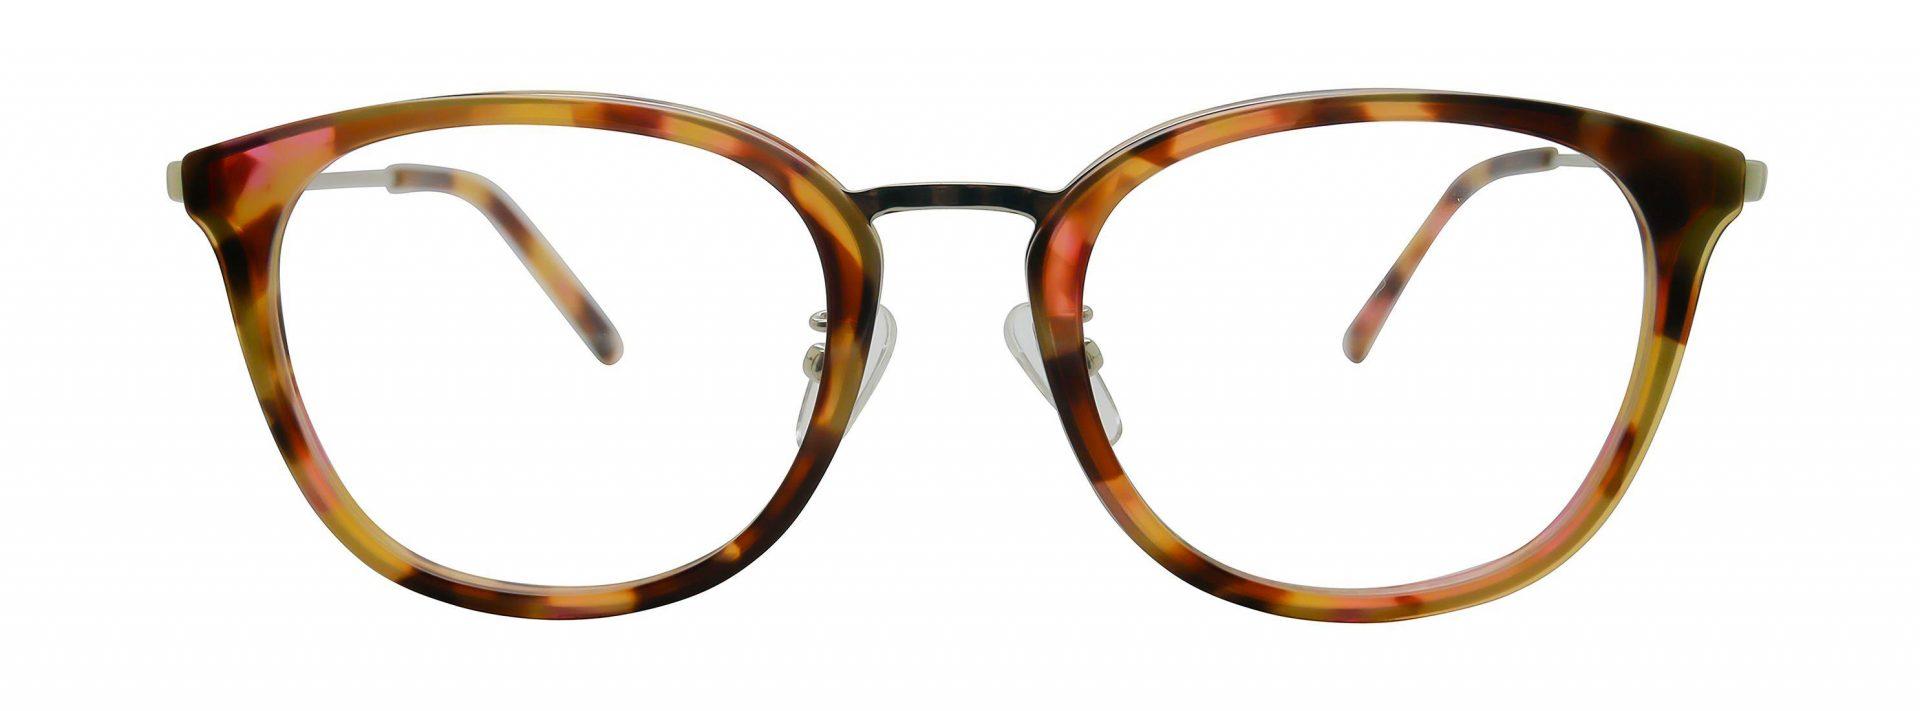 Elle Spectacles 14389 01